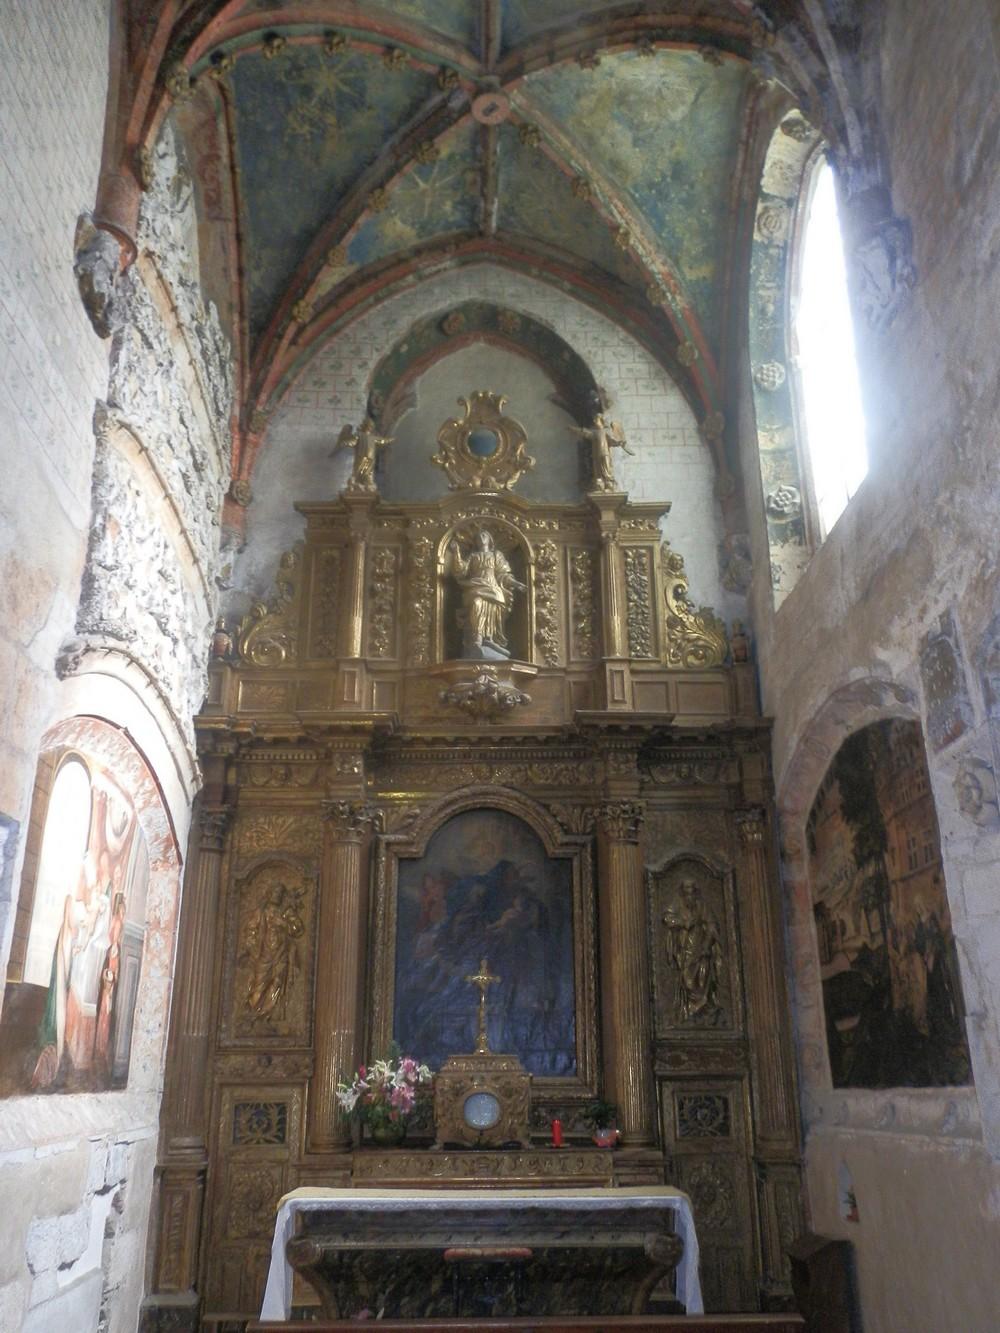 Villes patrimoniales cahors cath drale saint etienne 2 - Cathedrale saint etienne de cahors ...